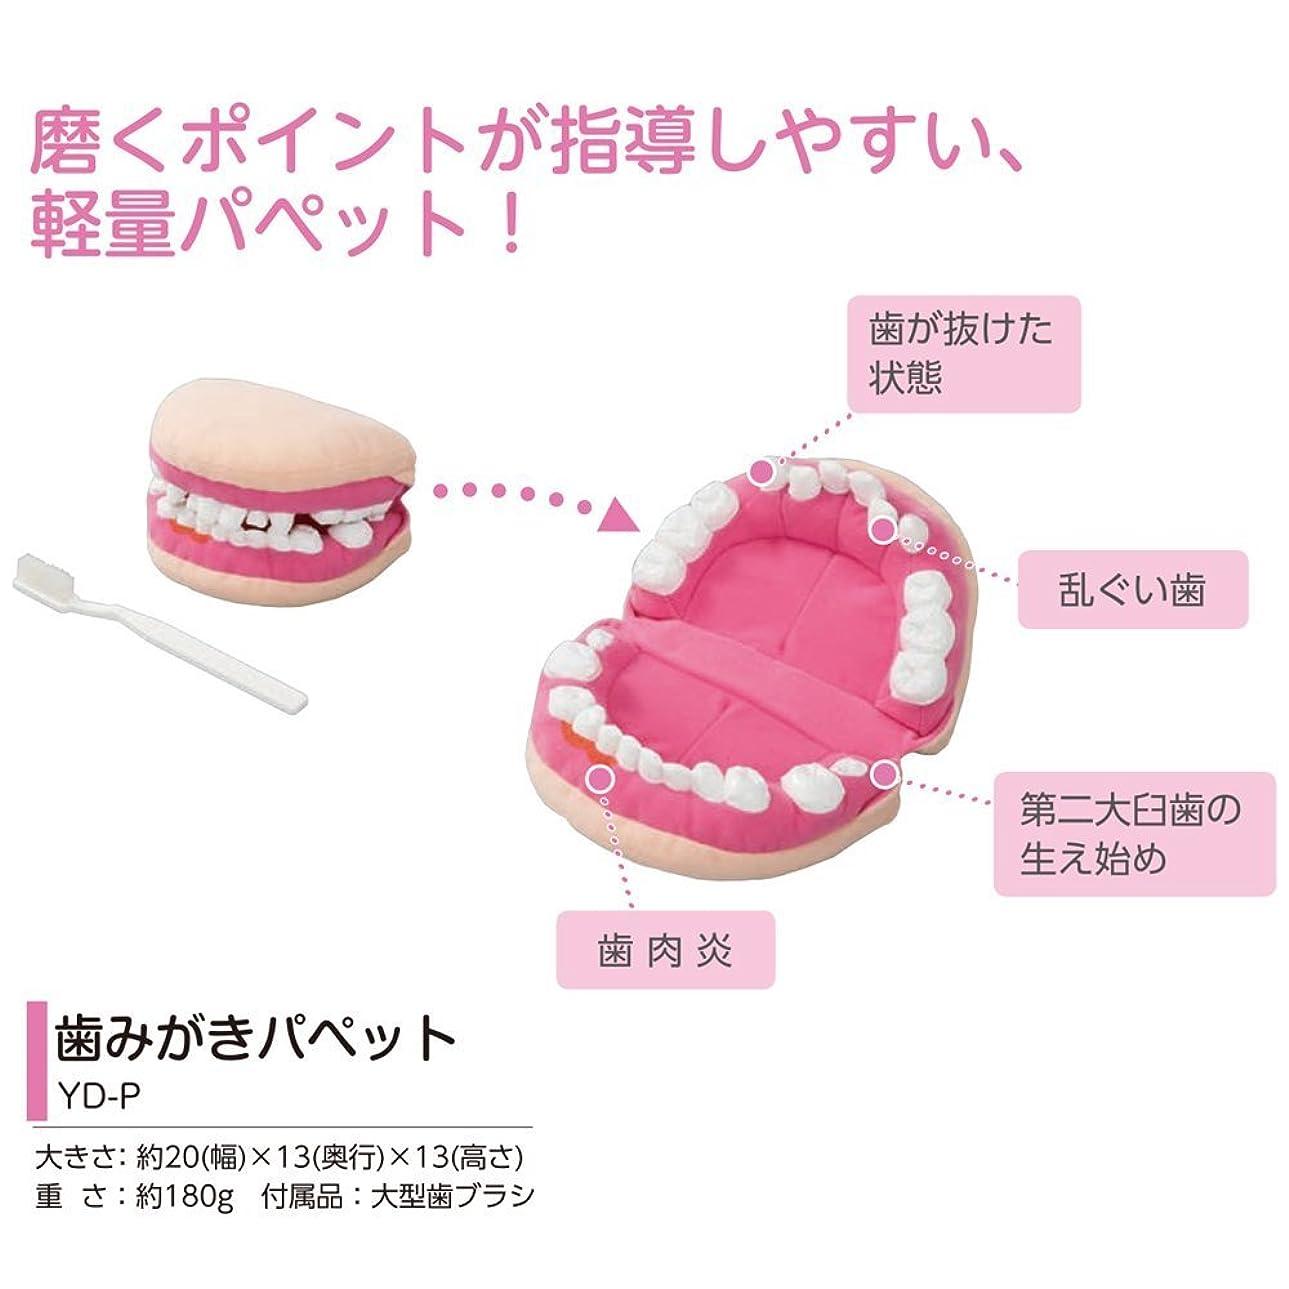 防止がんばり続ける惑星歯磨き指導用パペット YD-P 人形 ぬいぐるみ 歯みがきパペット